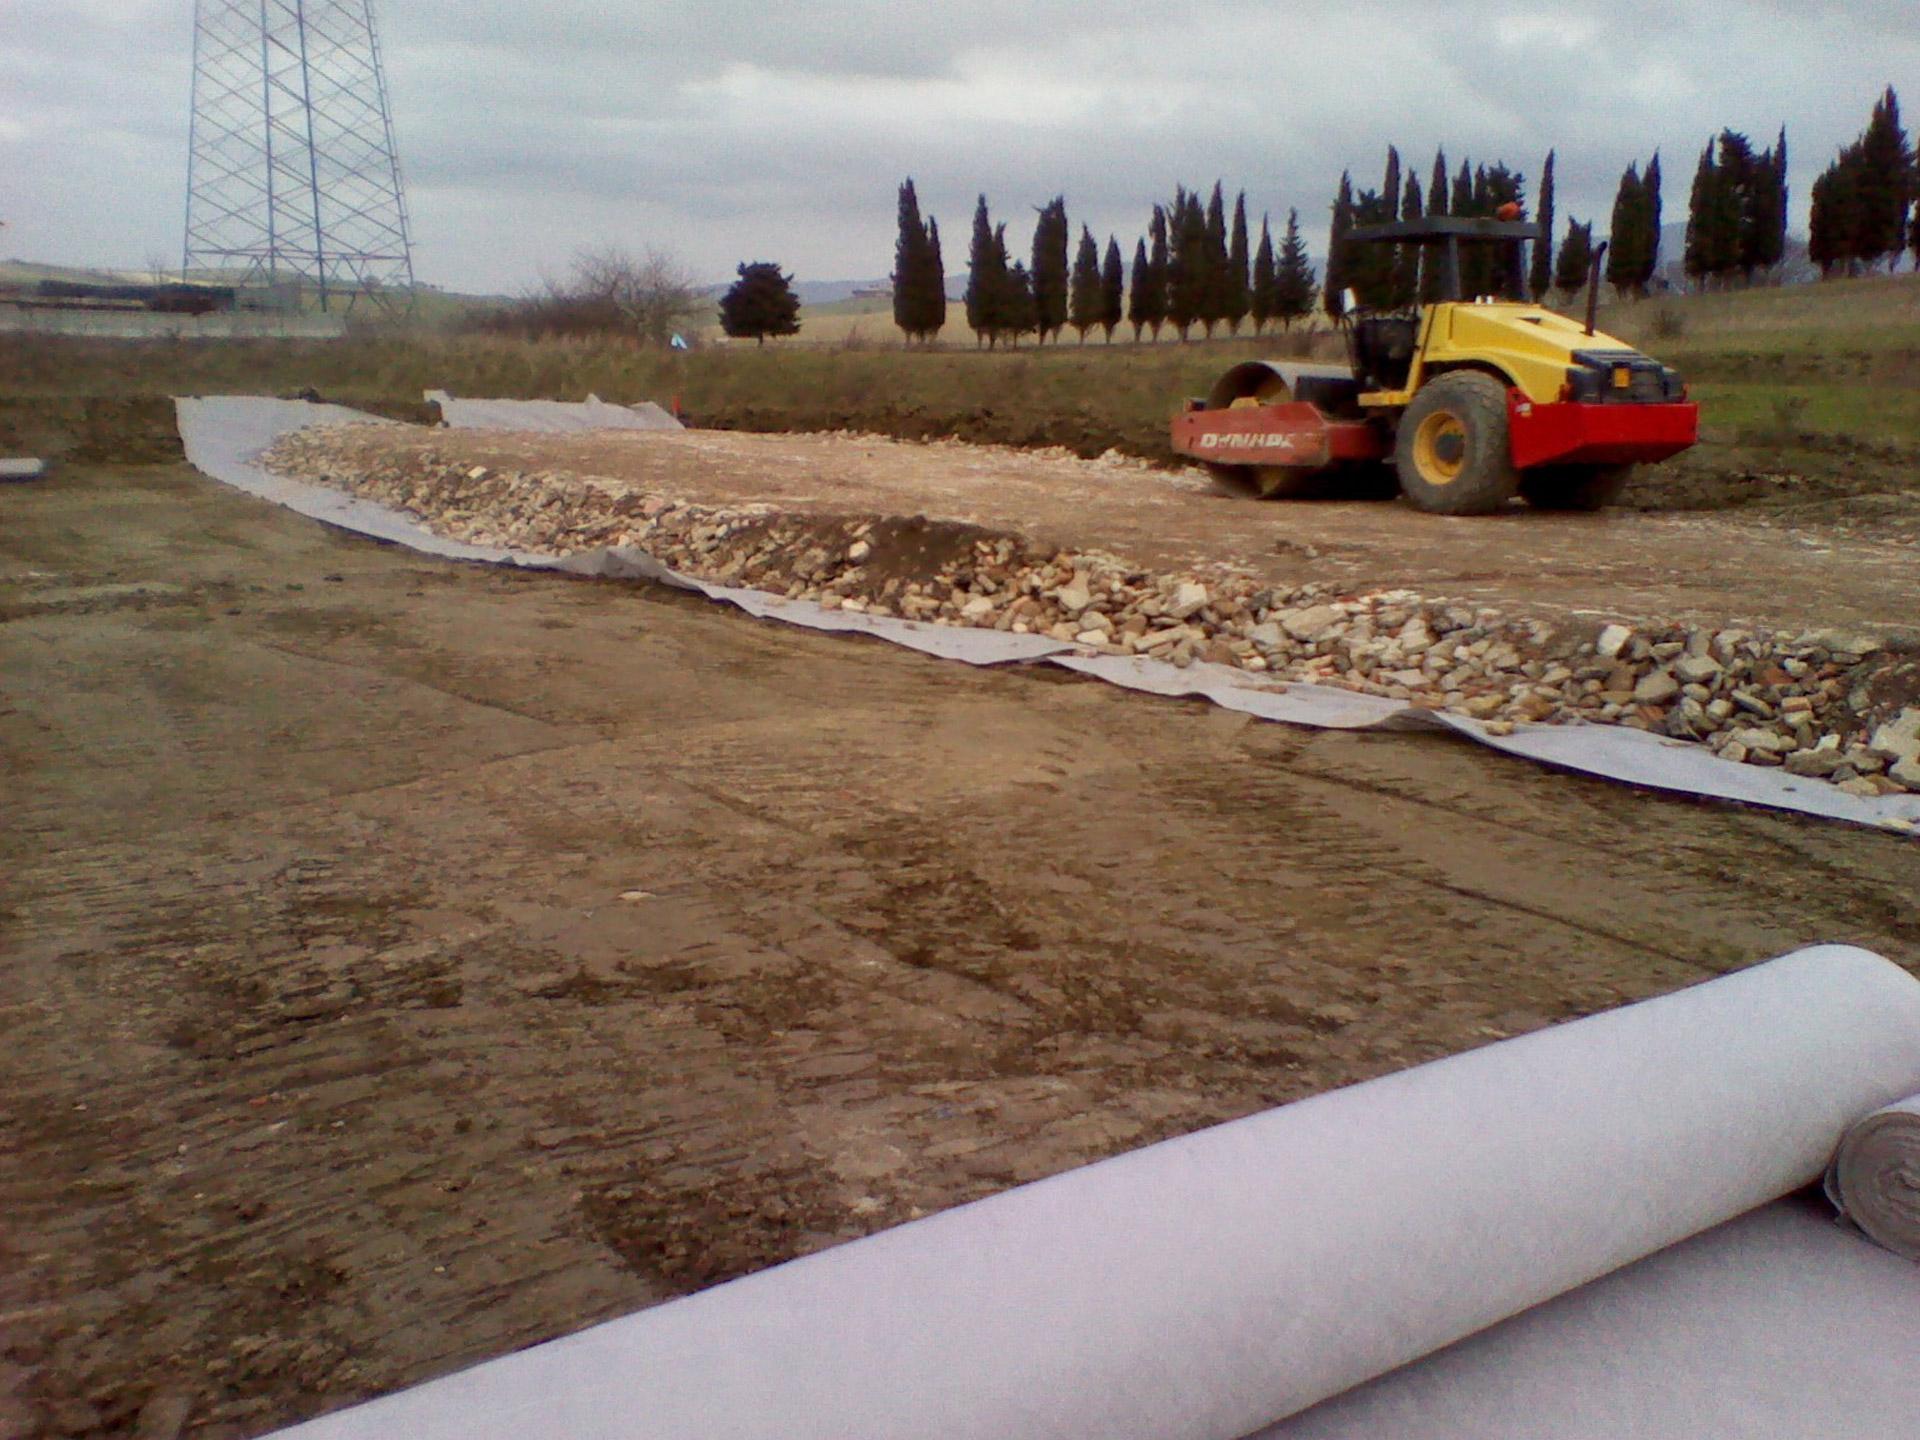 Realizzazione di un cogeneratore a Biomassa Legnosa - Strada Provinciale Rosignanina n.51 al km.6  loc. Macchiaverde (Comune di Santa Luce, PI) - Vanni Pierino - Pisa e Livorno